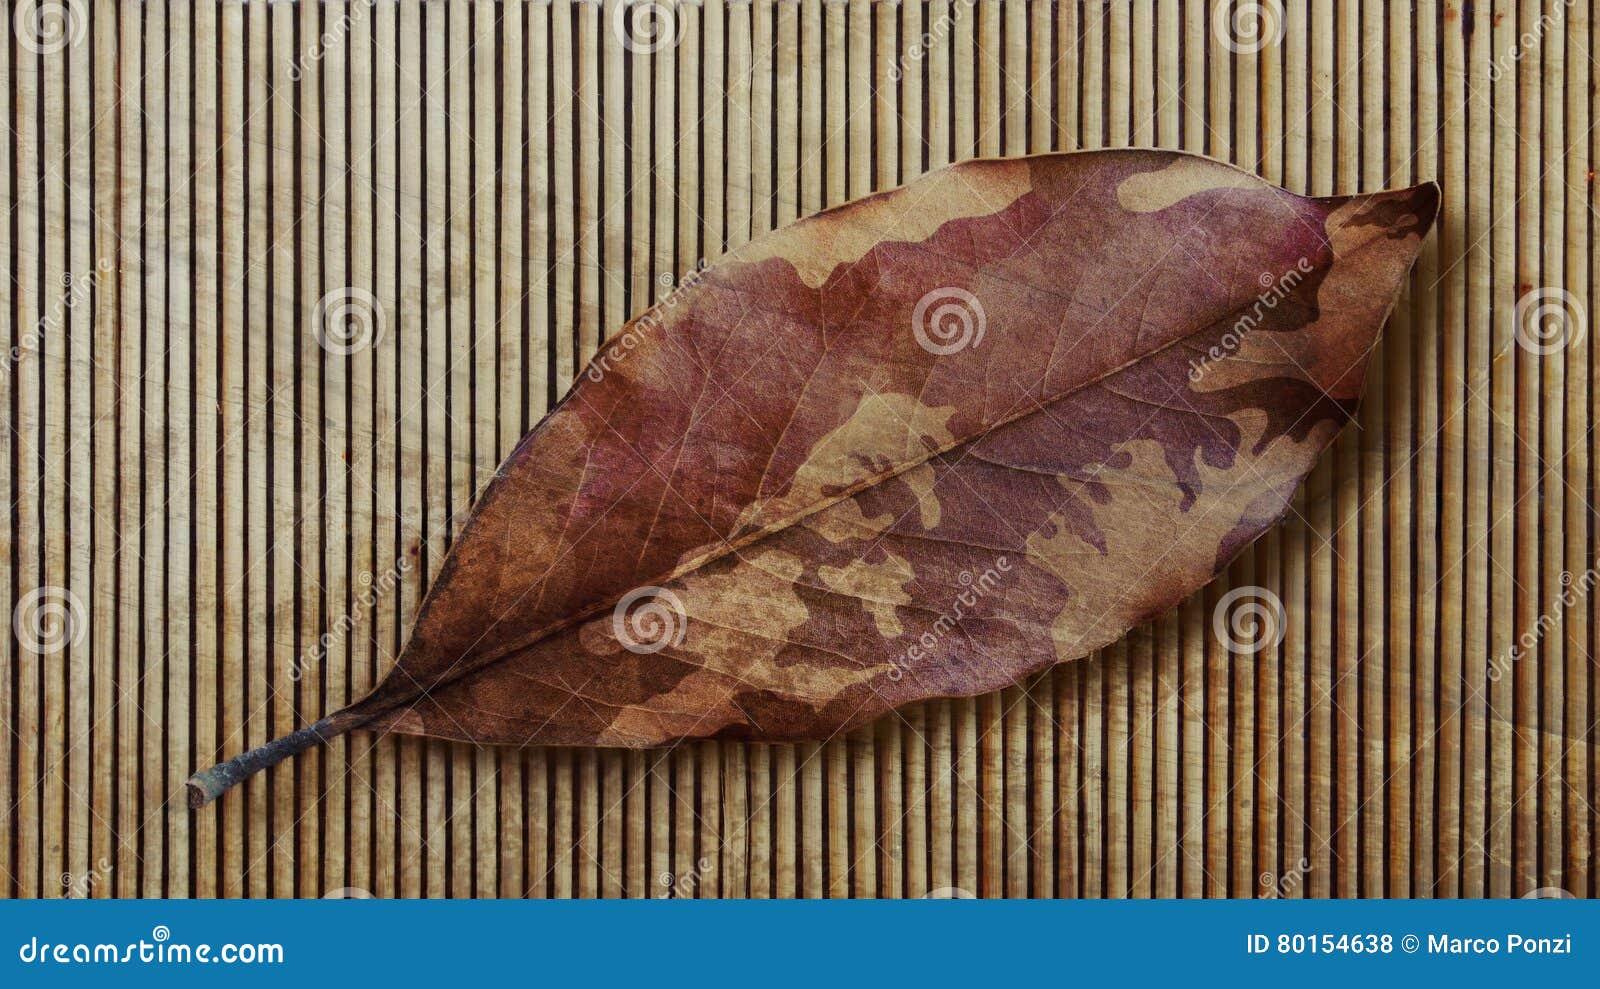 Cammuffamento autumn leaf and bamboo veterani fotografia - Papaveri e veterani giorno di papaveri e veterani ...